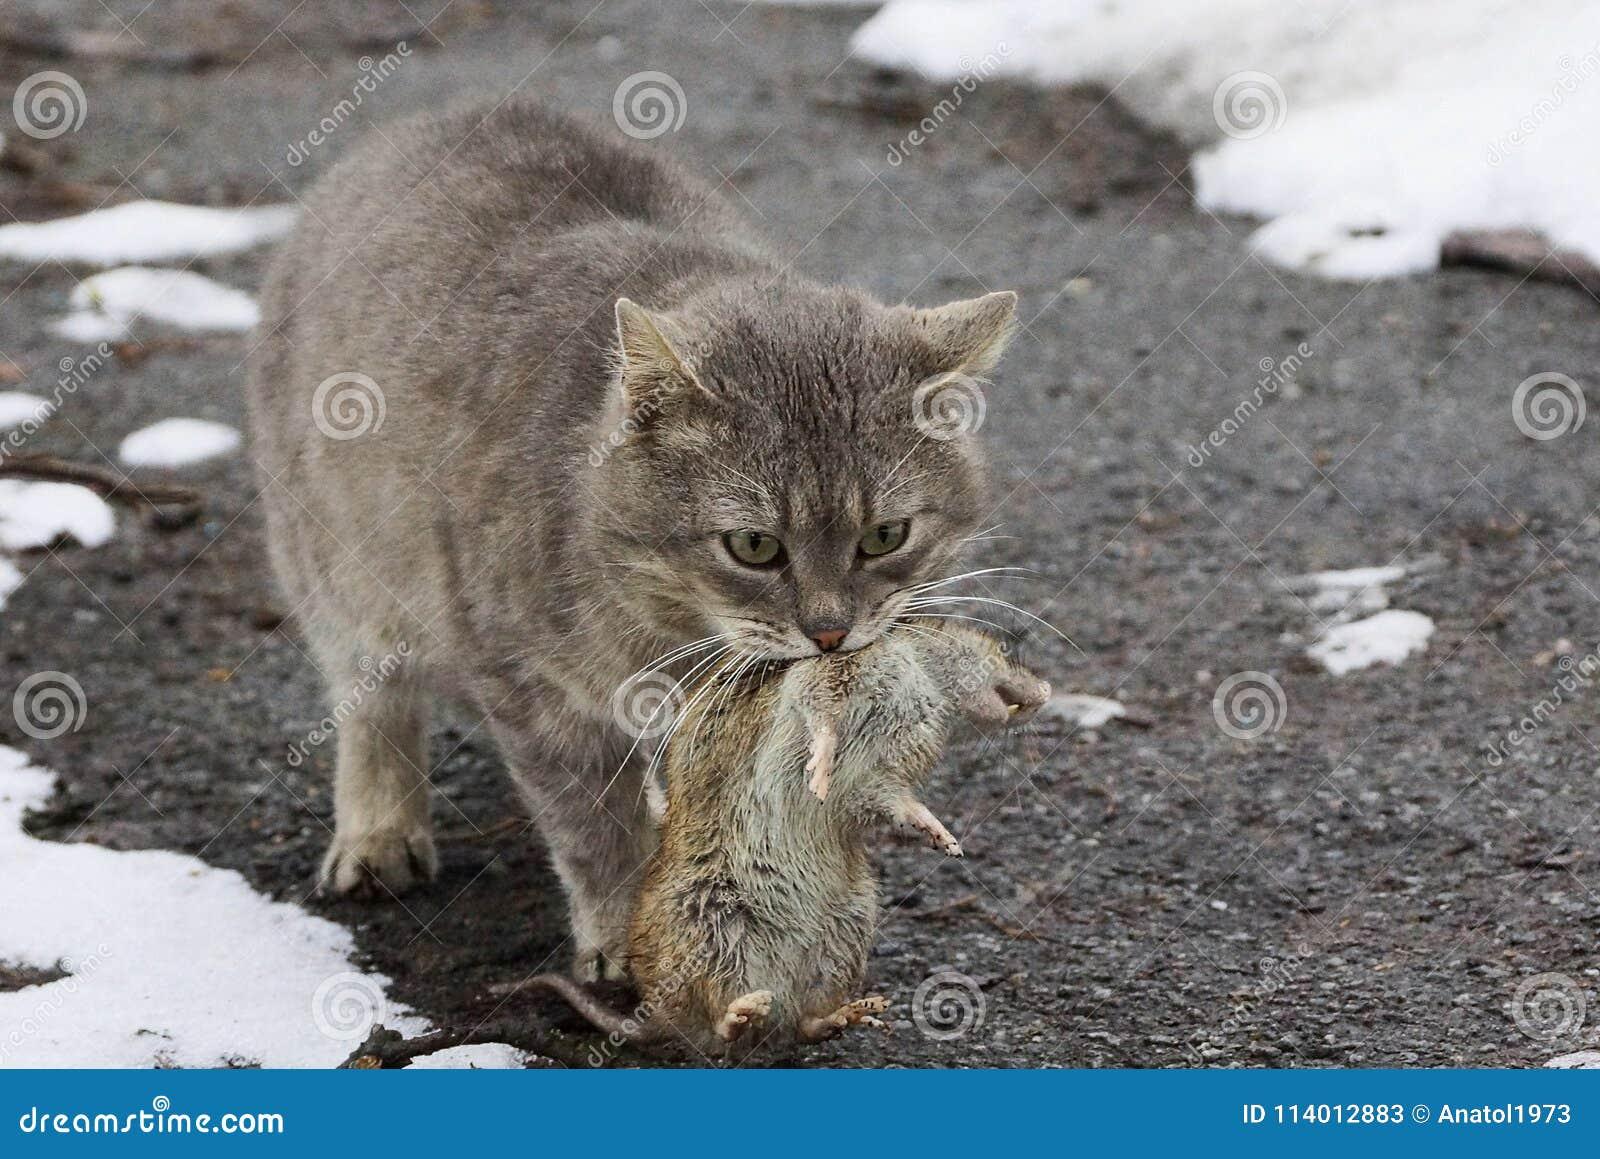 Szary kot trzyma dużego szarego szczura w usta pozyci na drodze w śniegu